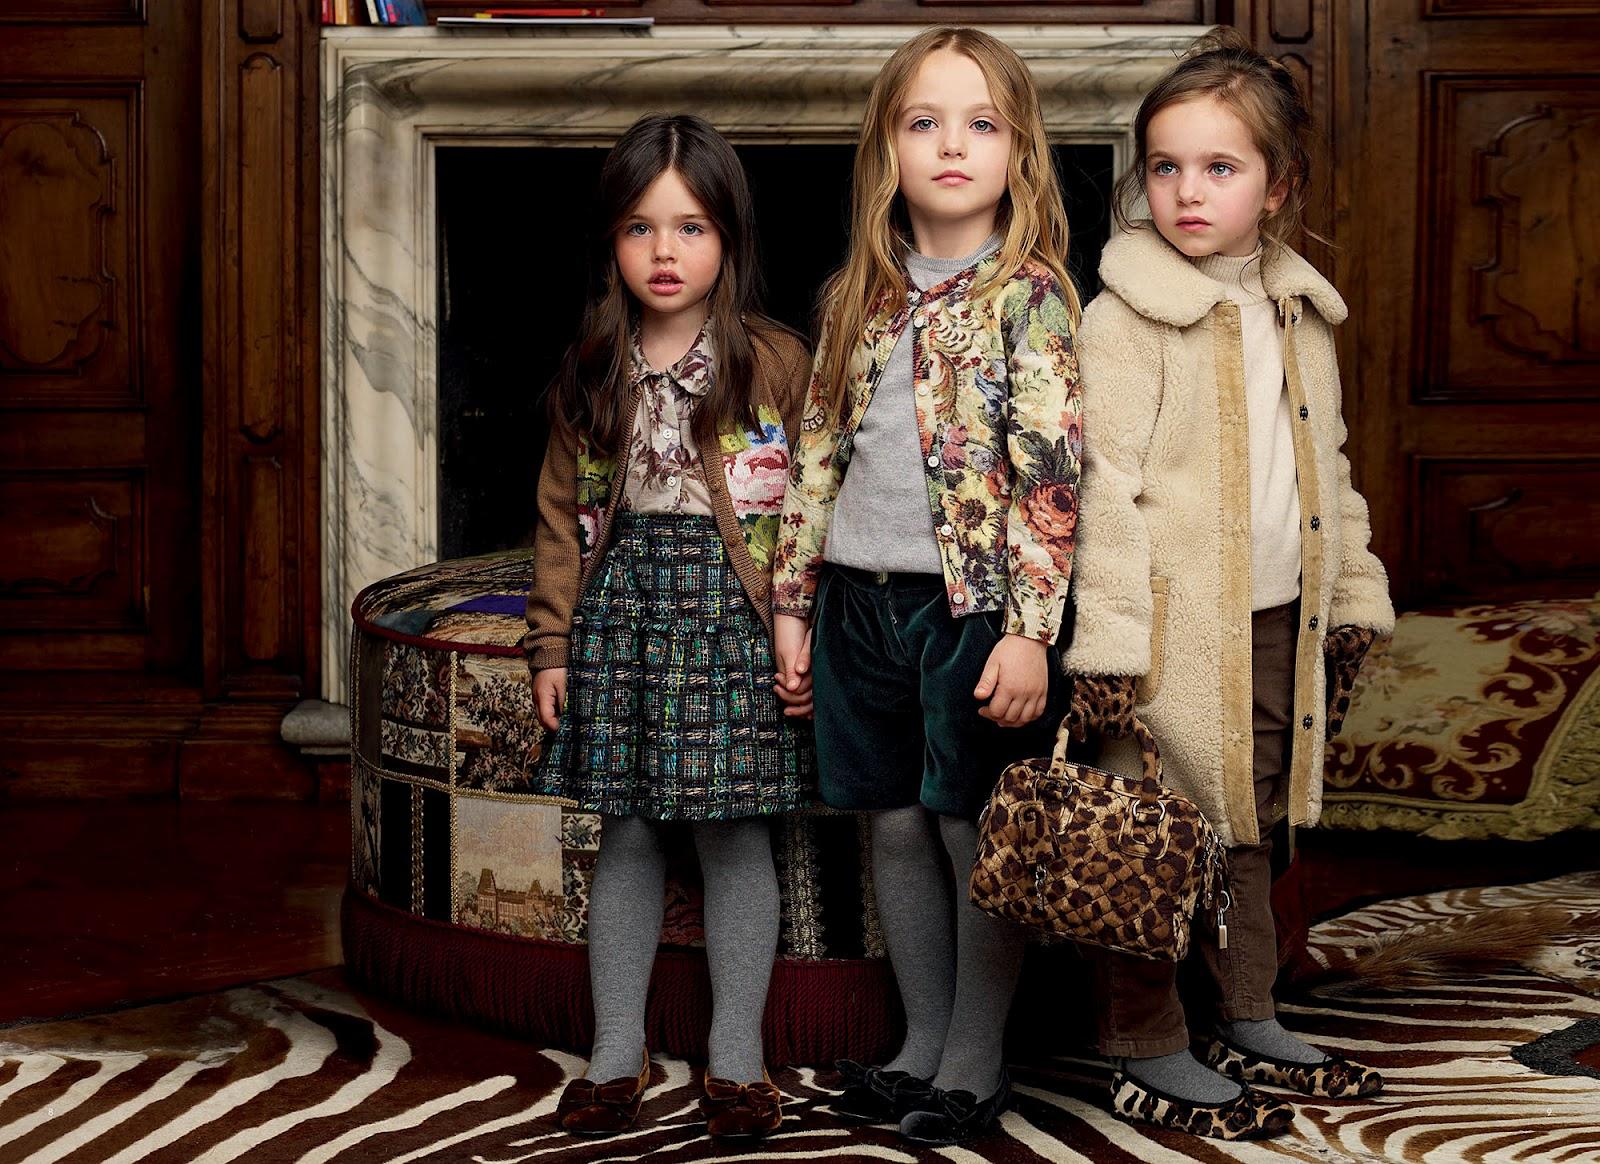 Смотреть маленькие одежды фото 21 фотография